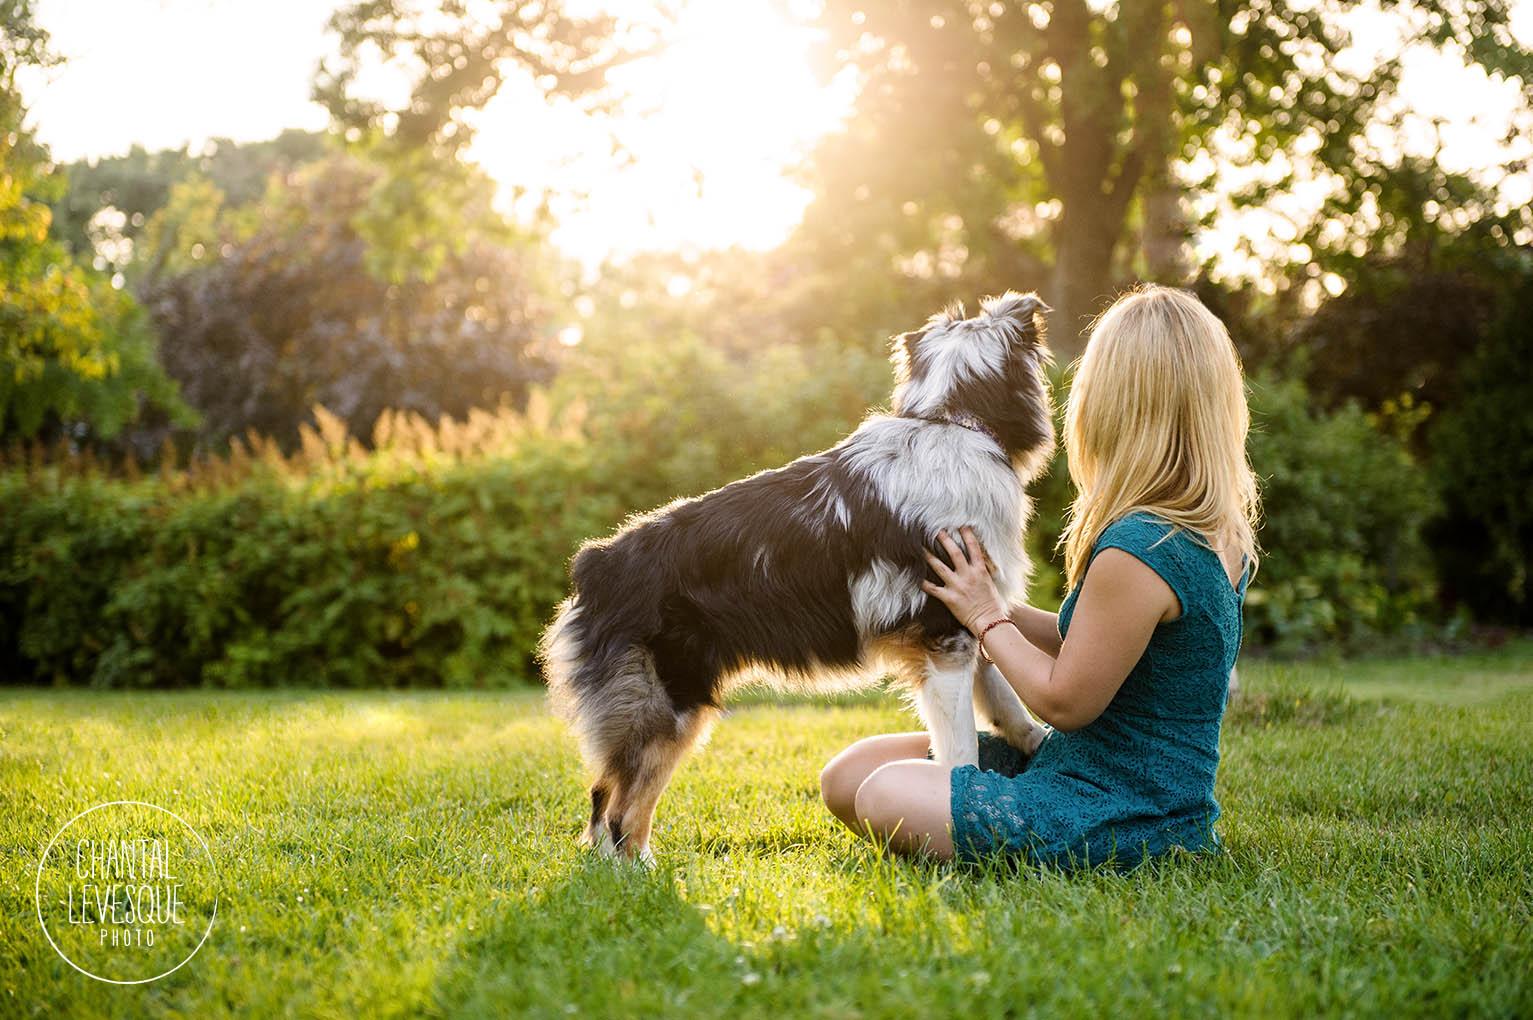 dog-mum-sunset-photo-montreal.jpg